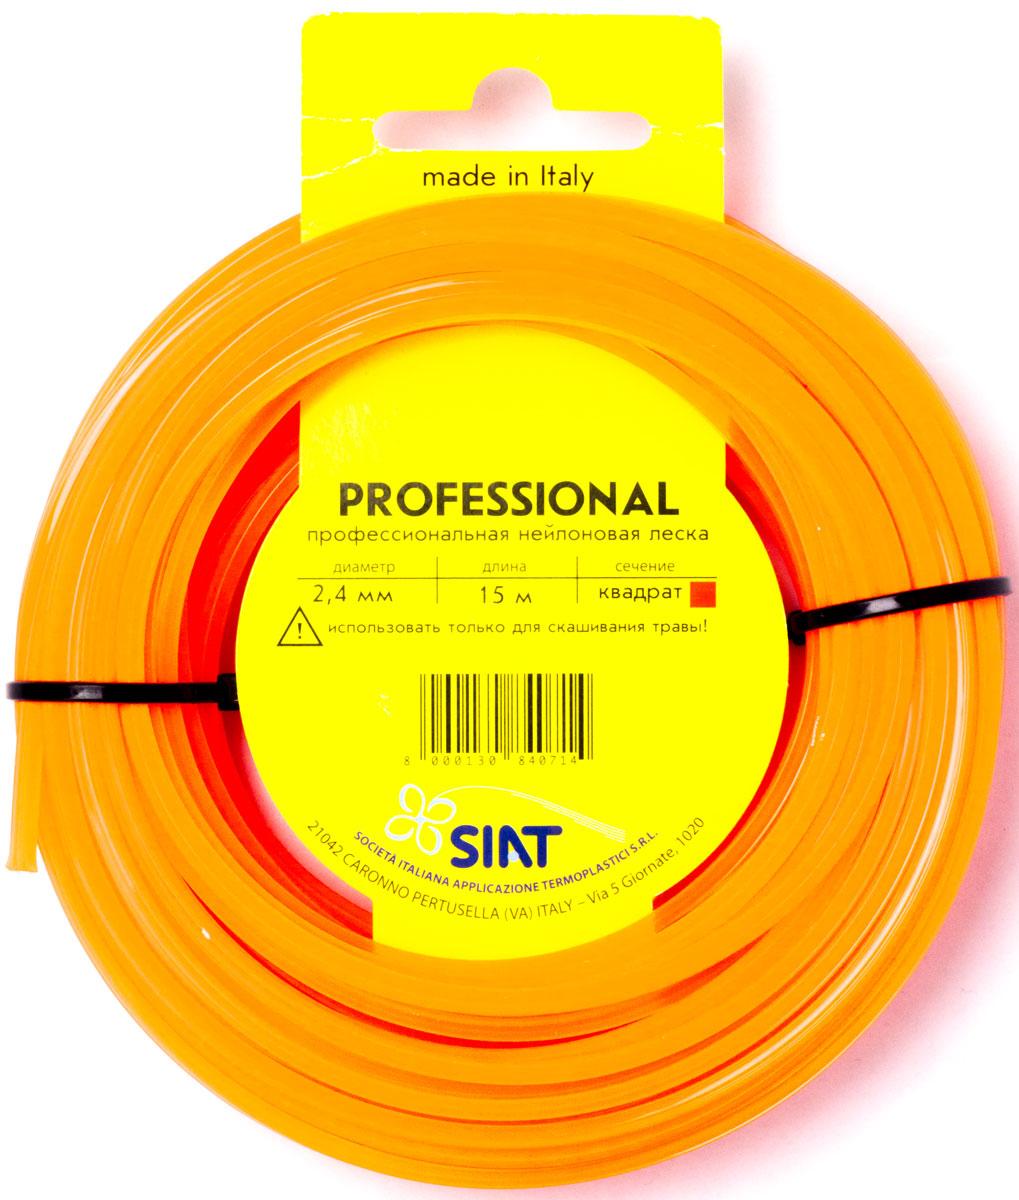 Леска для триммера Siat Professional Siat. Квадрат, диаметр 2,4 мм, длина 15 м556008Профессиональная нейлоновая леска высокой прочности и гибкостиЛеска подходит к любому типу триммеров. Она представляет собой режущий элемент триммера, а правильный выбор ее толщины и формы влияет на скорость кошения и износ лески. Длина лески: 15 м. Диаметр лески: 2,4 мм.